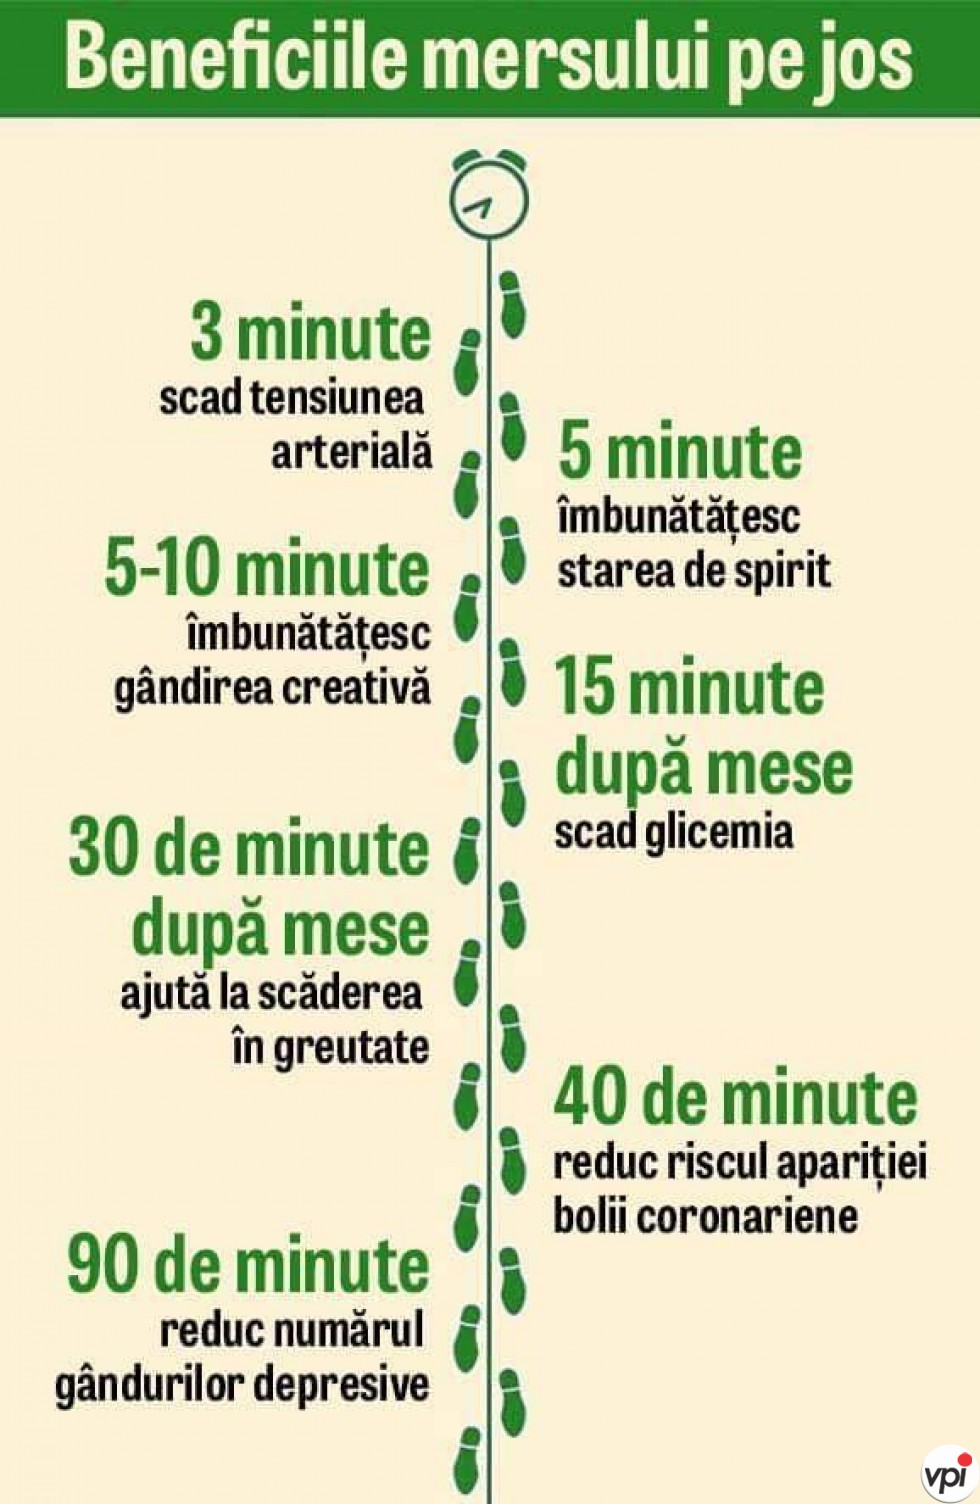 Beneficiile mersului pe jos